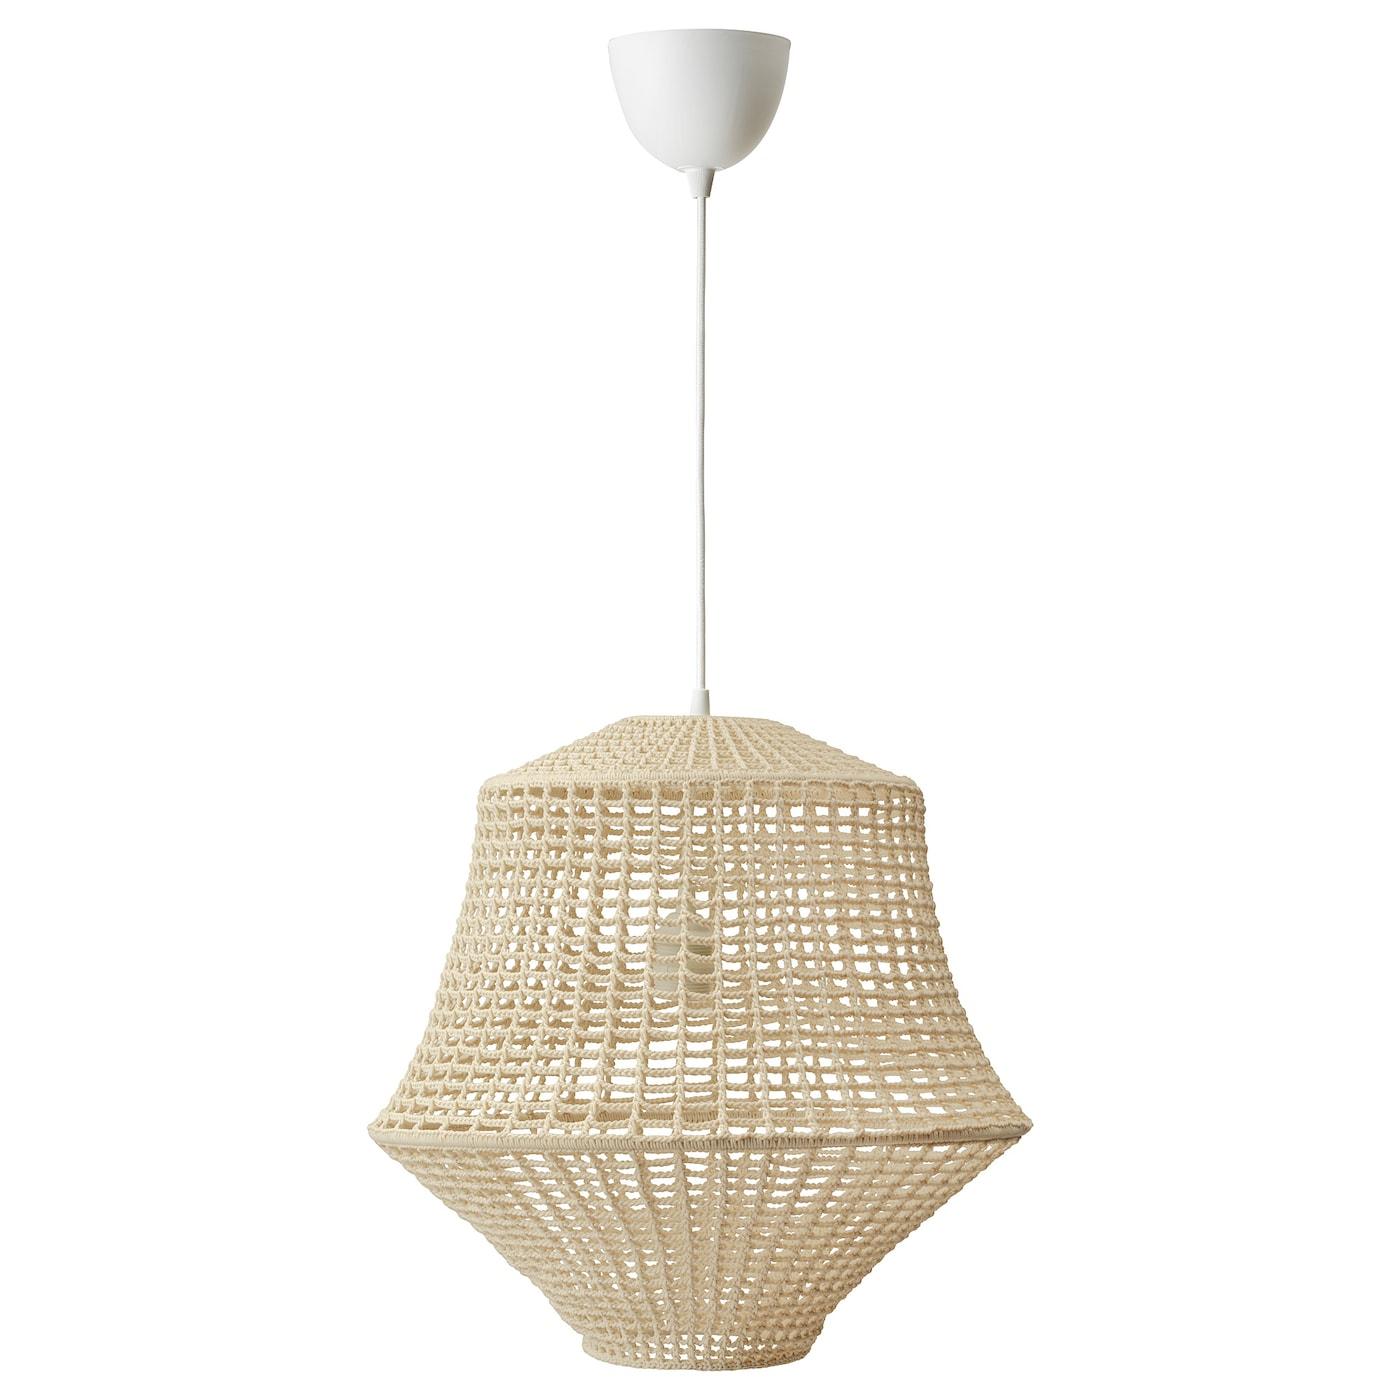 Iluminacion De Dormitorio Lamparas Dormitorio Compra Online Ikea - Lmparas-dormitorio